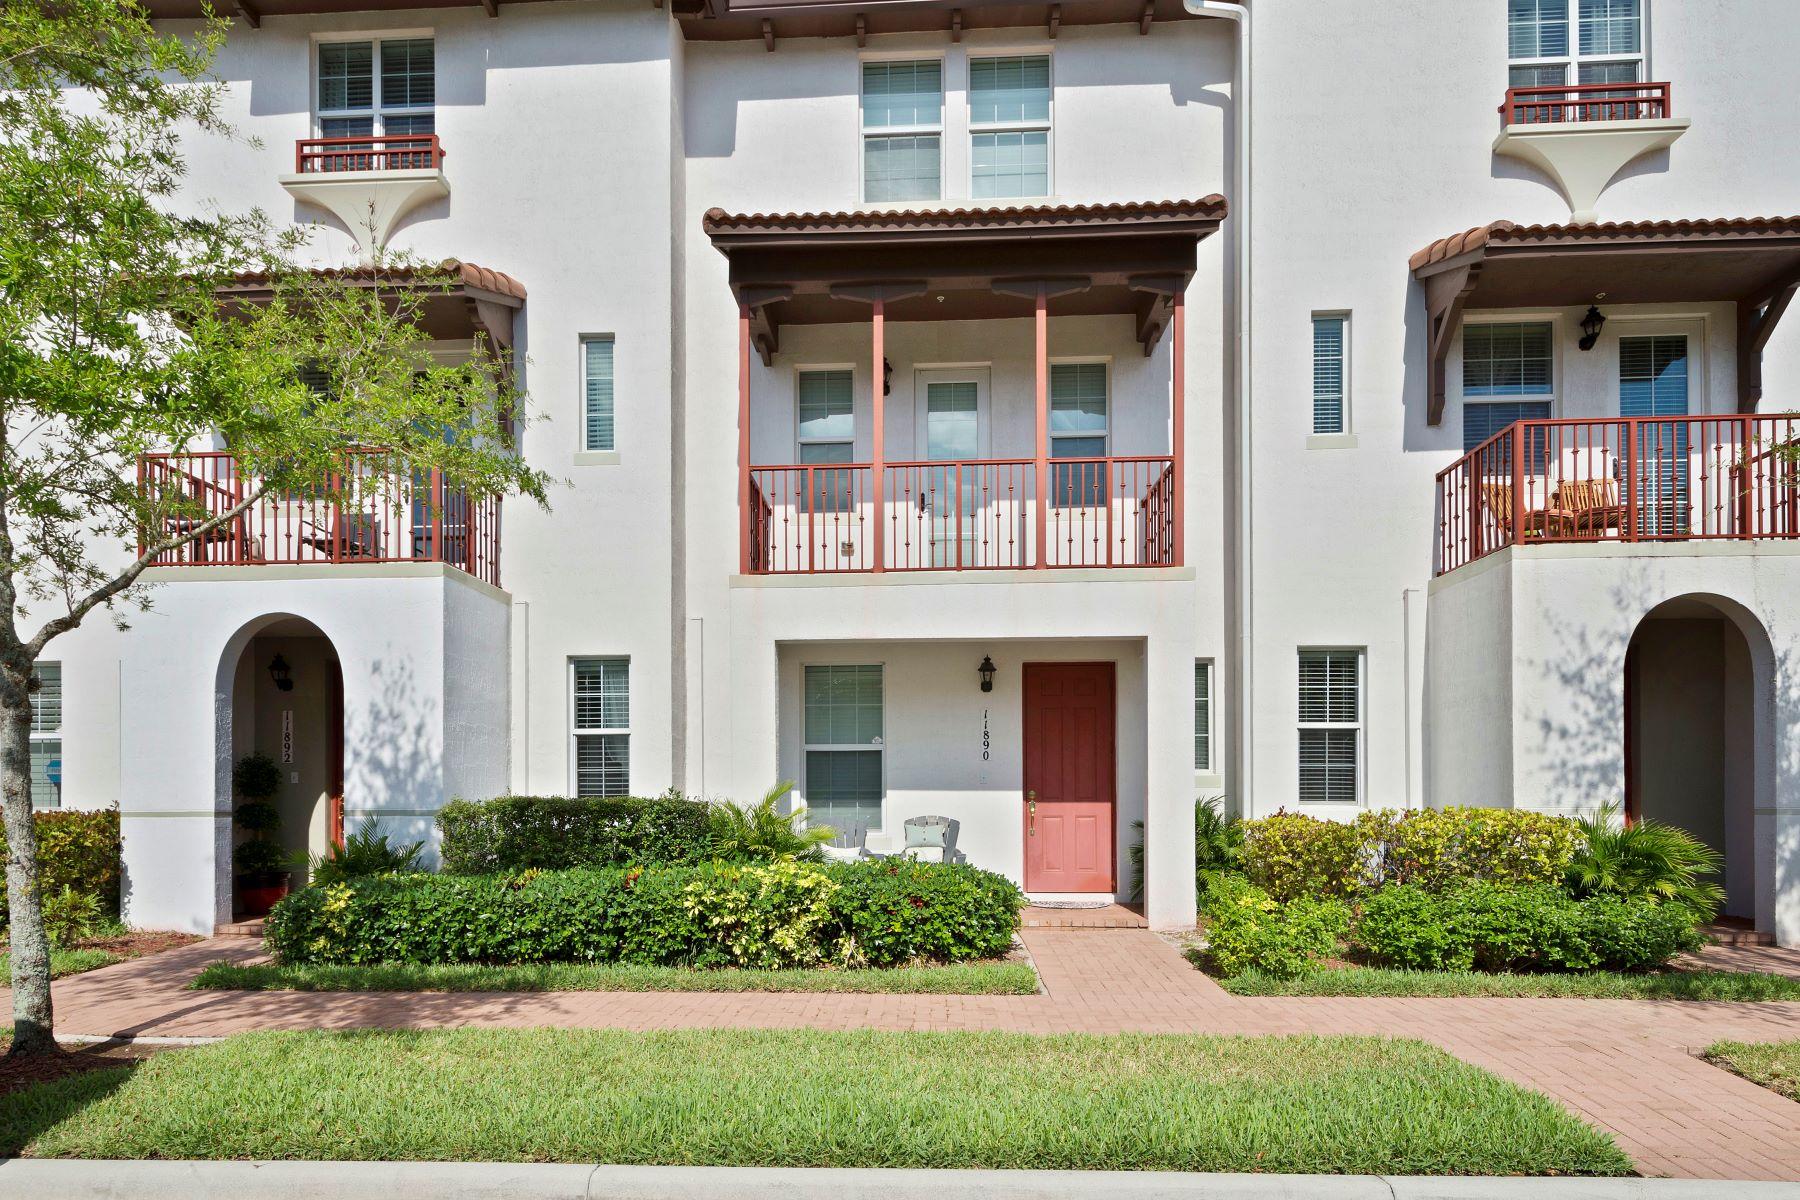 联栋屋 为 销售 在 11890 Sw 25th Ct #107 11890 Sw 25th Ct 107, 米拉玛, 佛罗里达州, 33025 美国